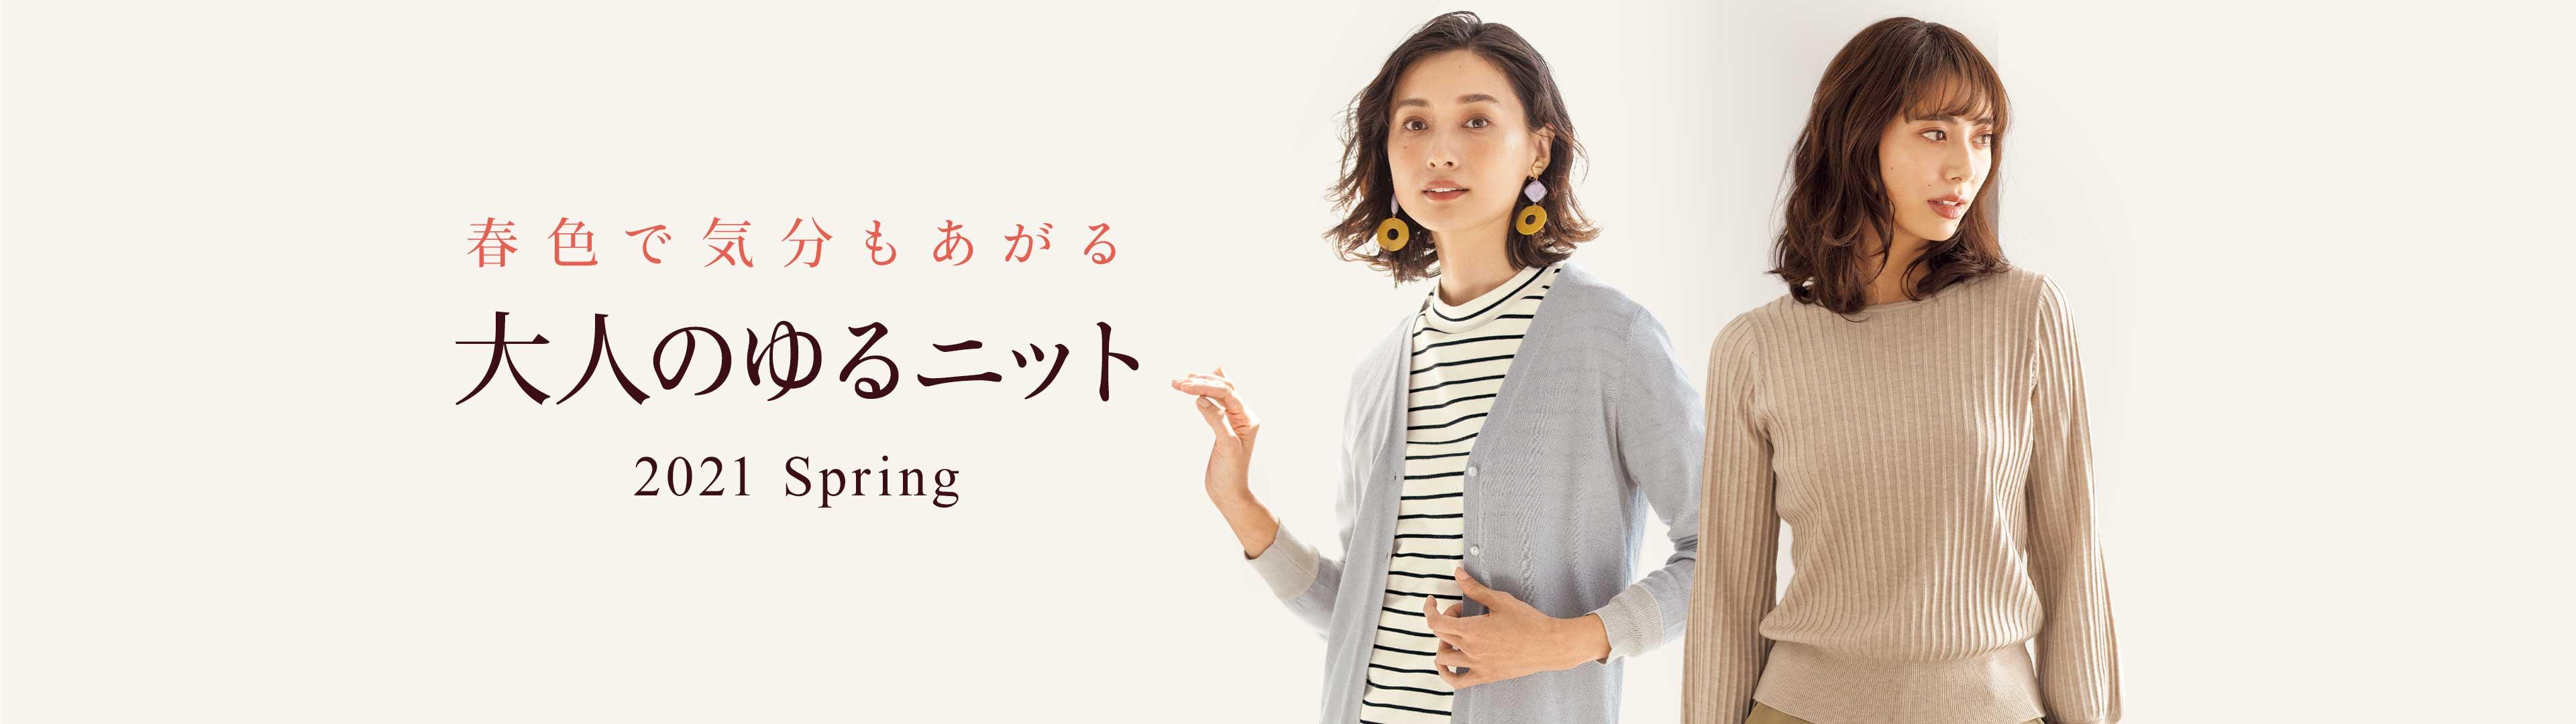 ニット(レディース)・ニットコーデ特集